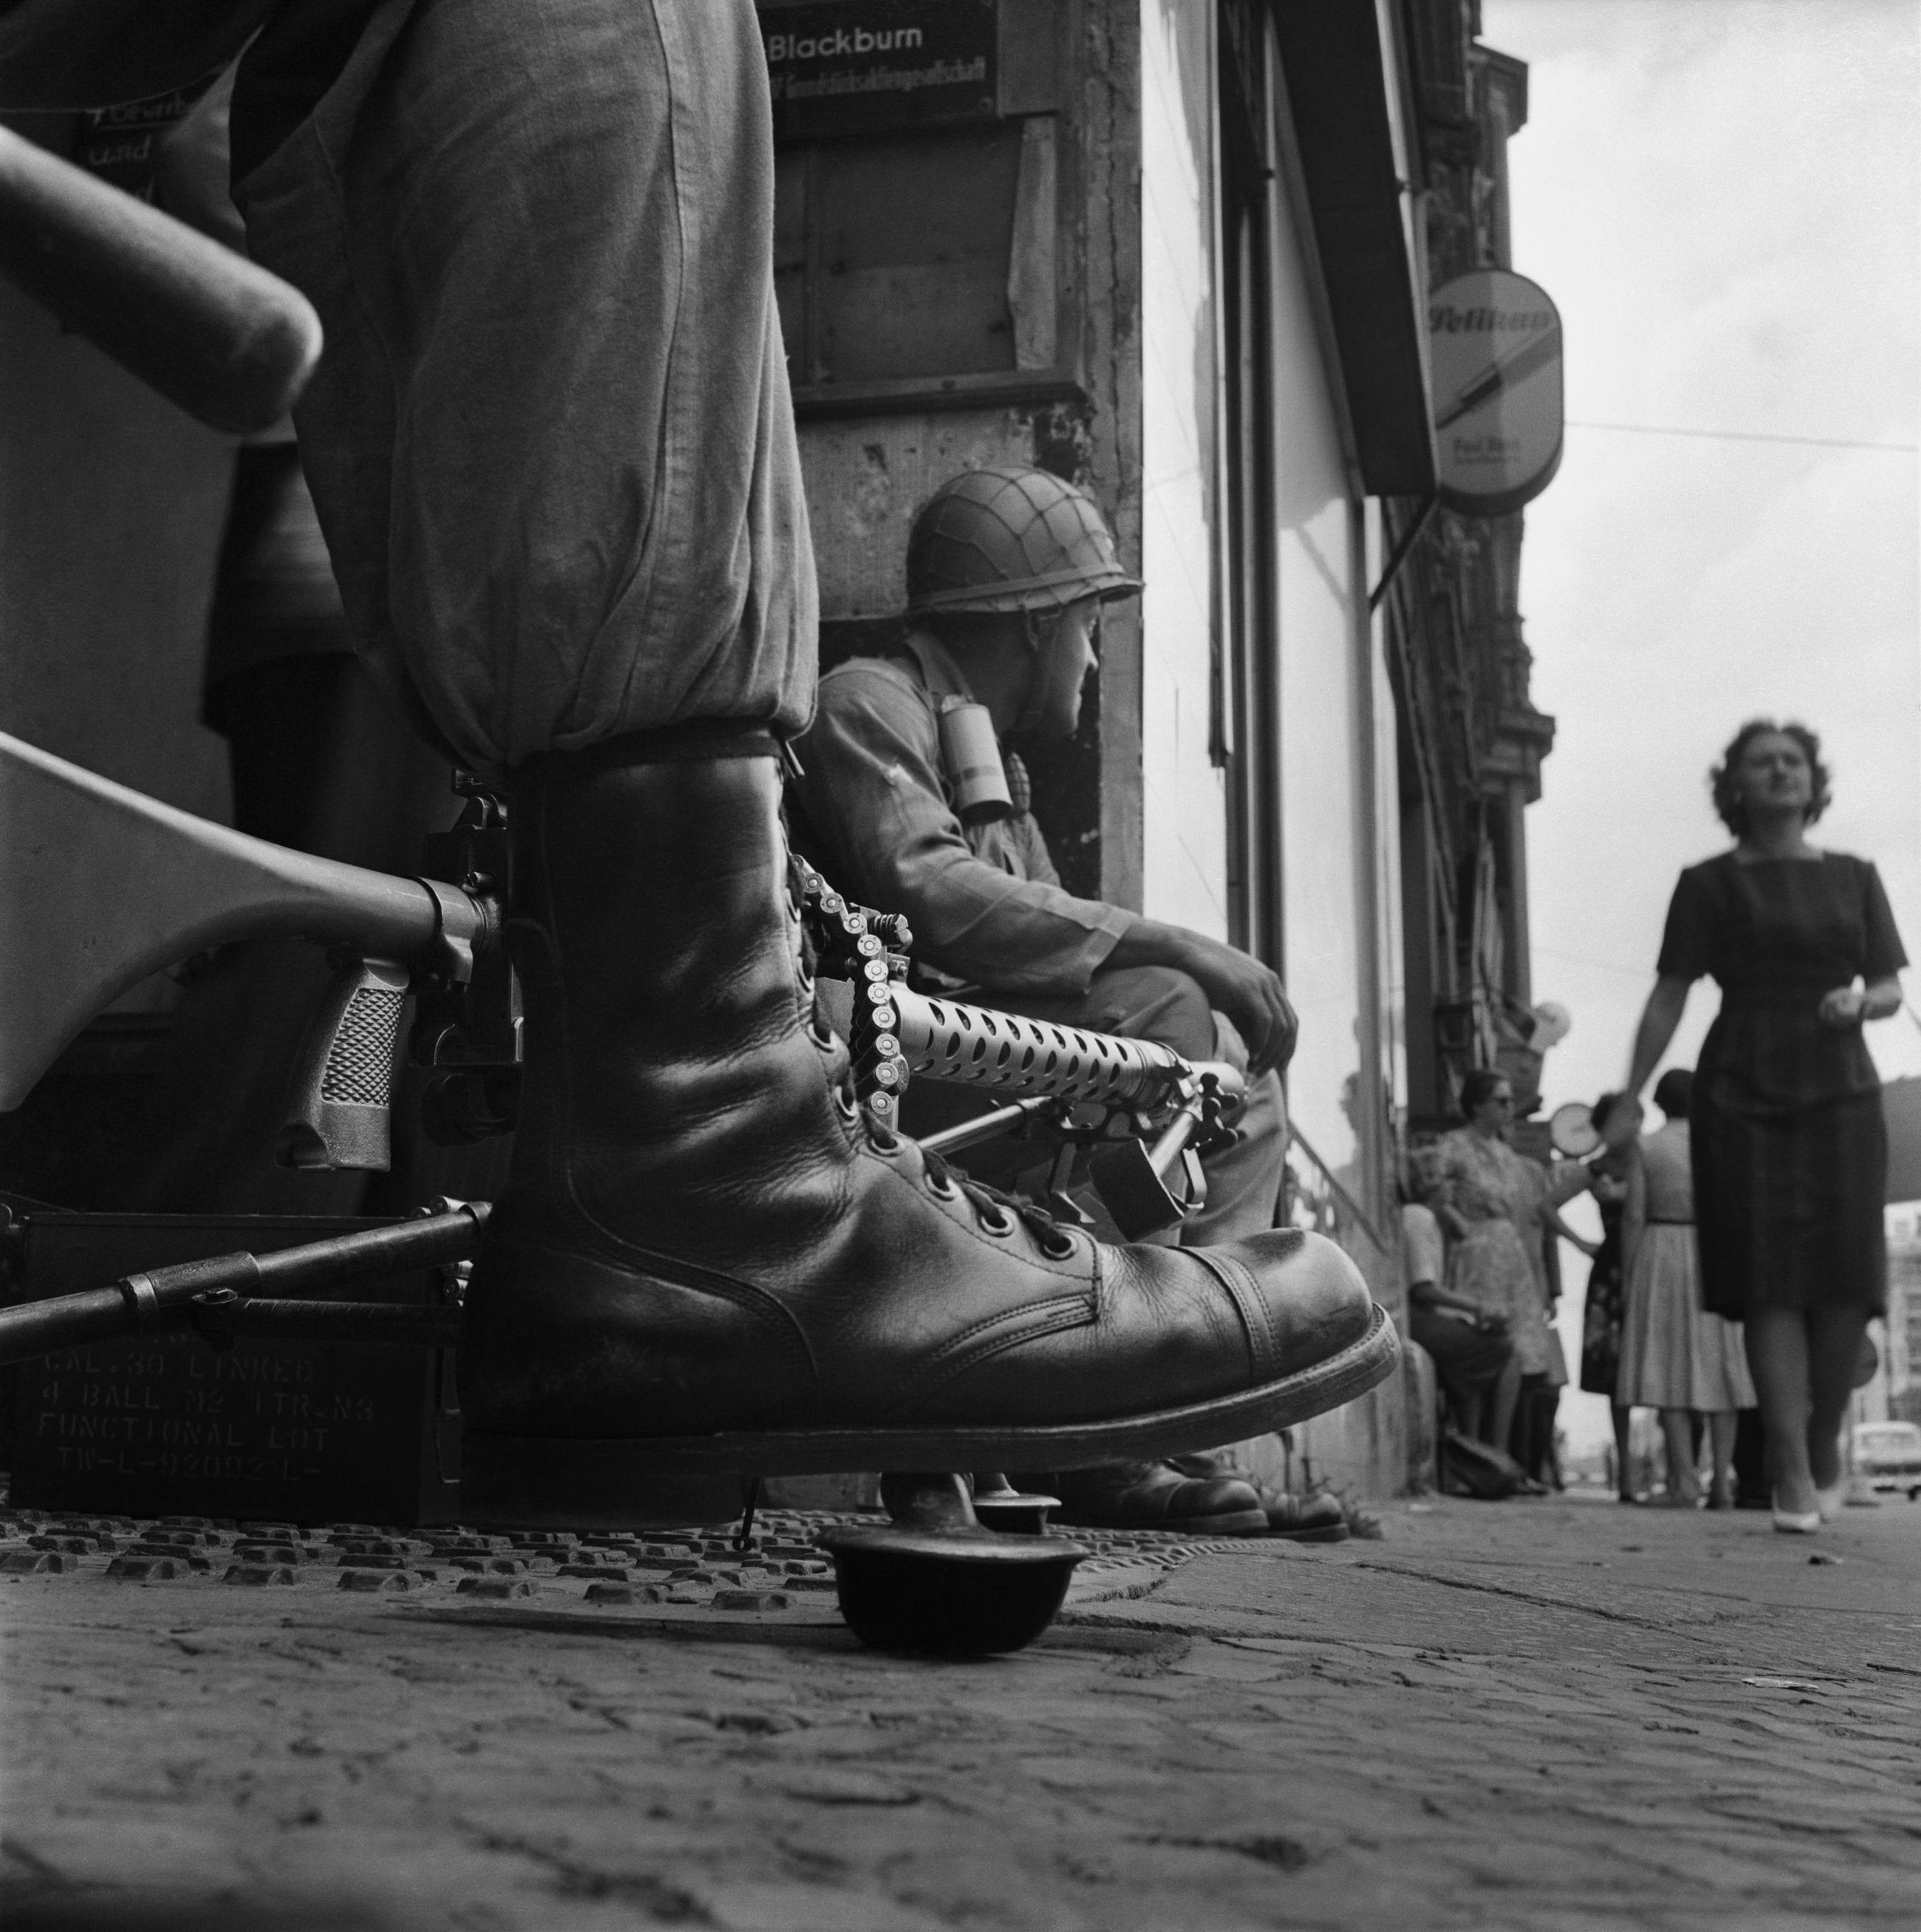 Near Checkpoint Charlie, Berlin, 1961 © Don McCullin